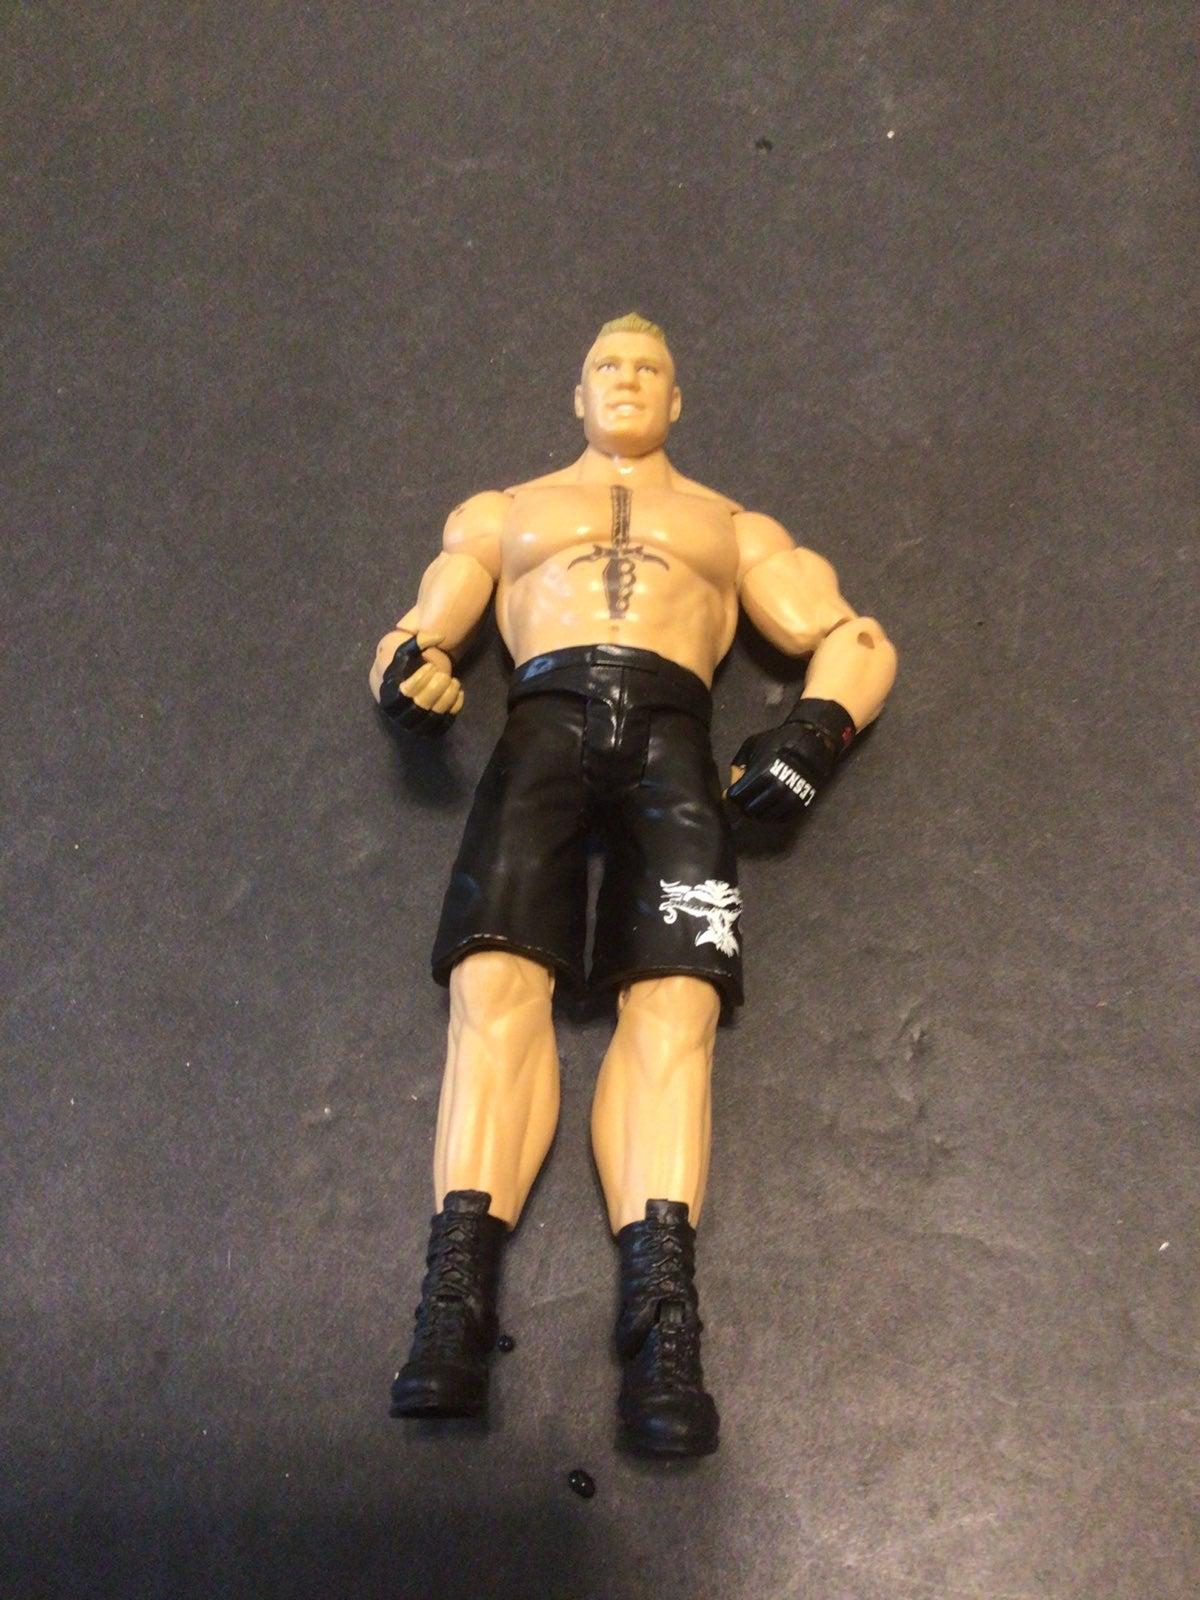 2012 WWE Brock Lesnar Wrestling Figure